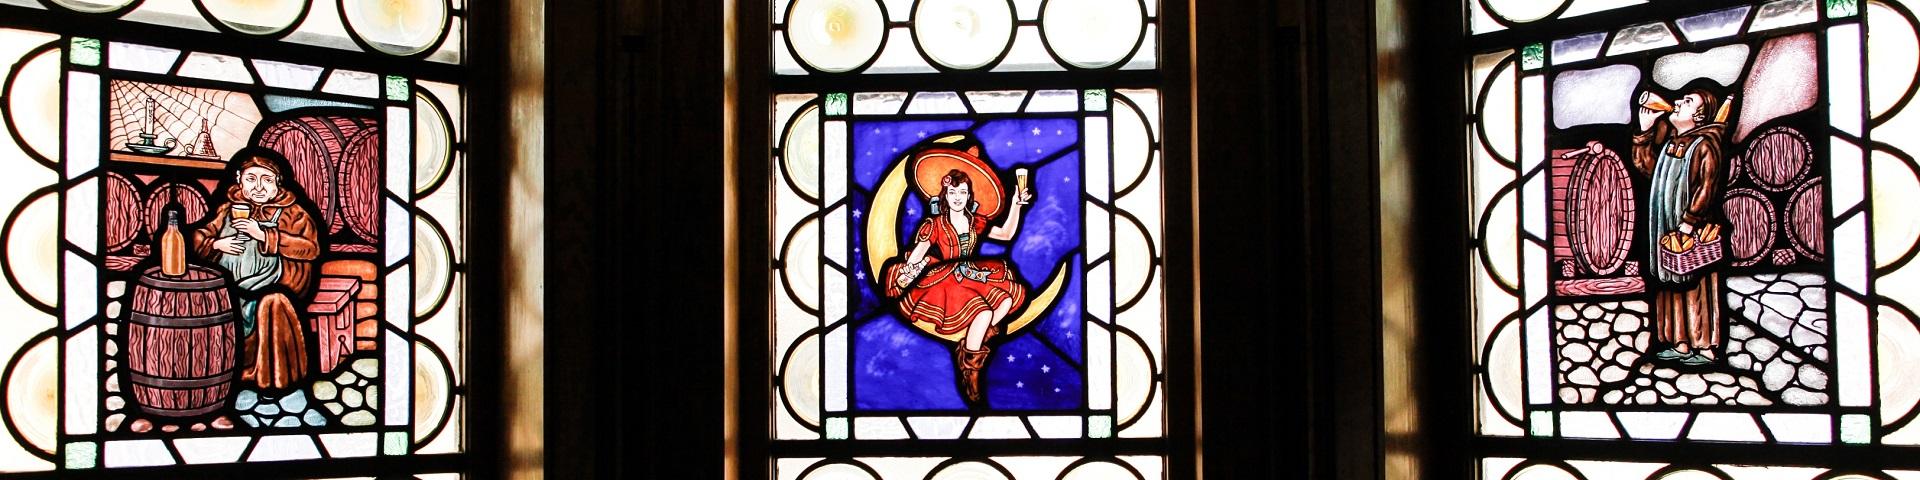 Miller Inn Glass Image